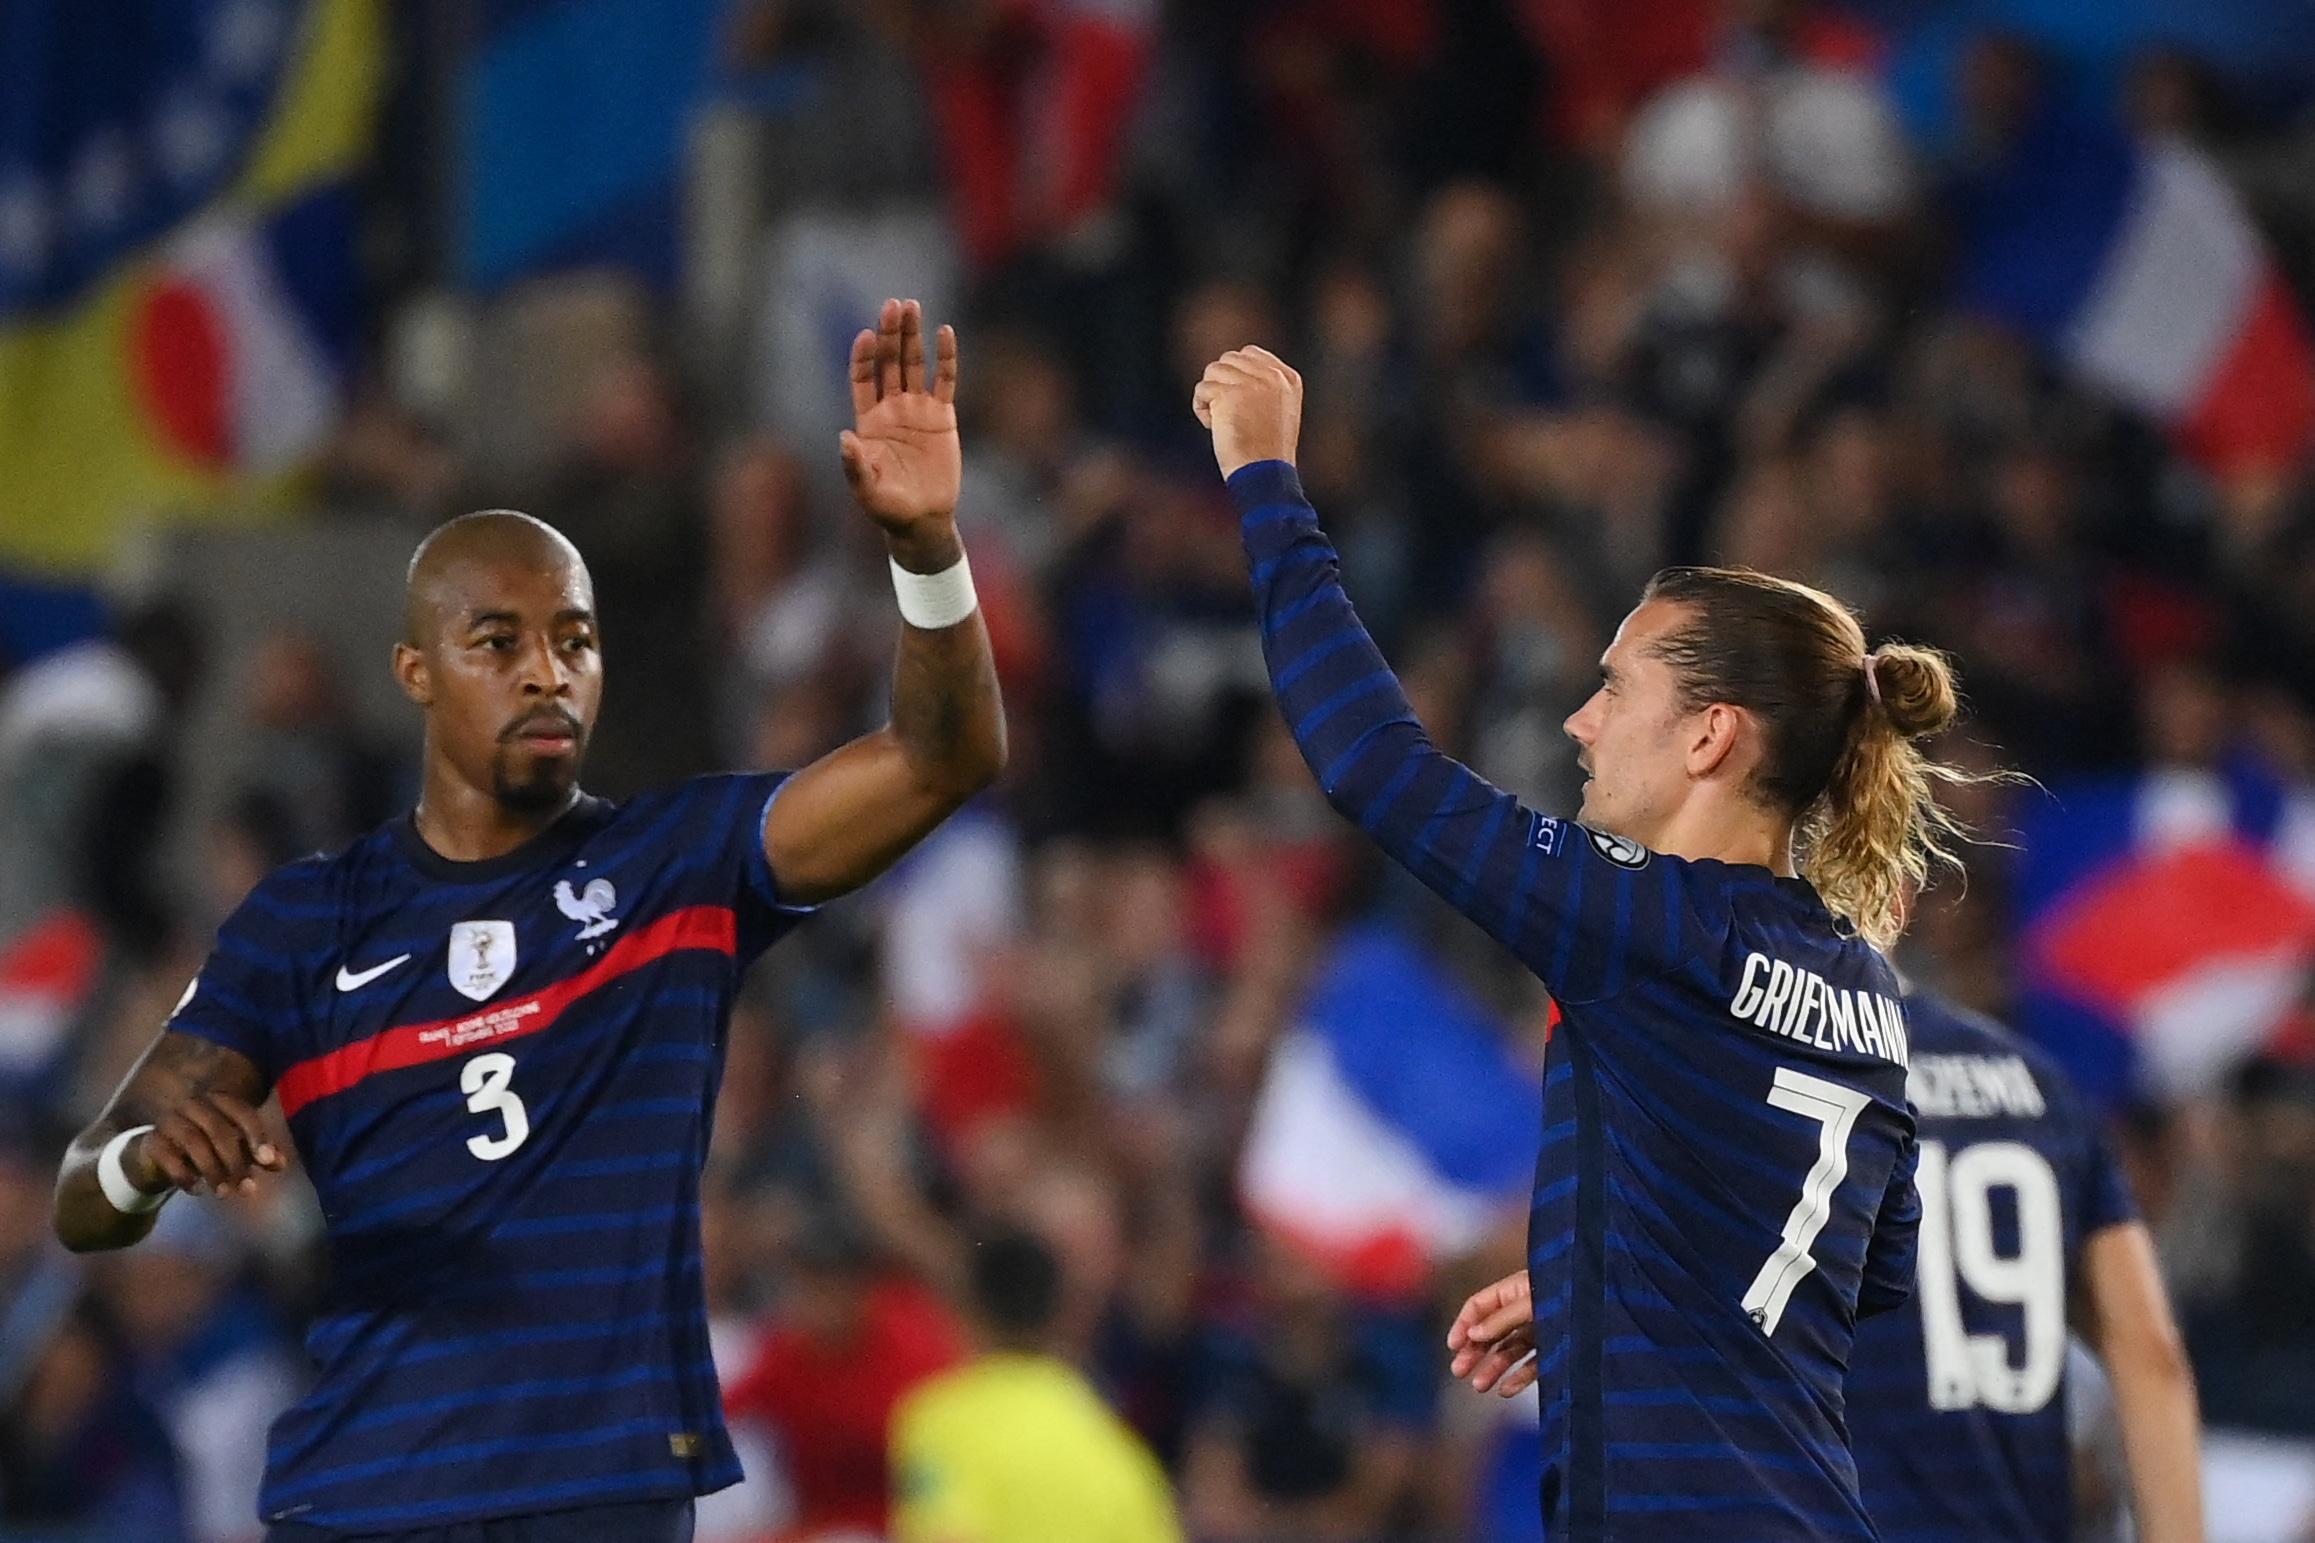 منتخب فرنسا يسقط في فخ التعادل أمام البوسنة والهرسك في تصفيات مونديال العالم 2022